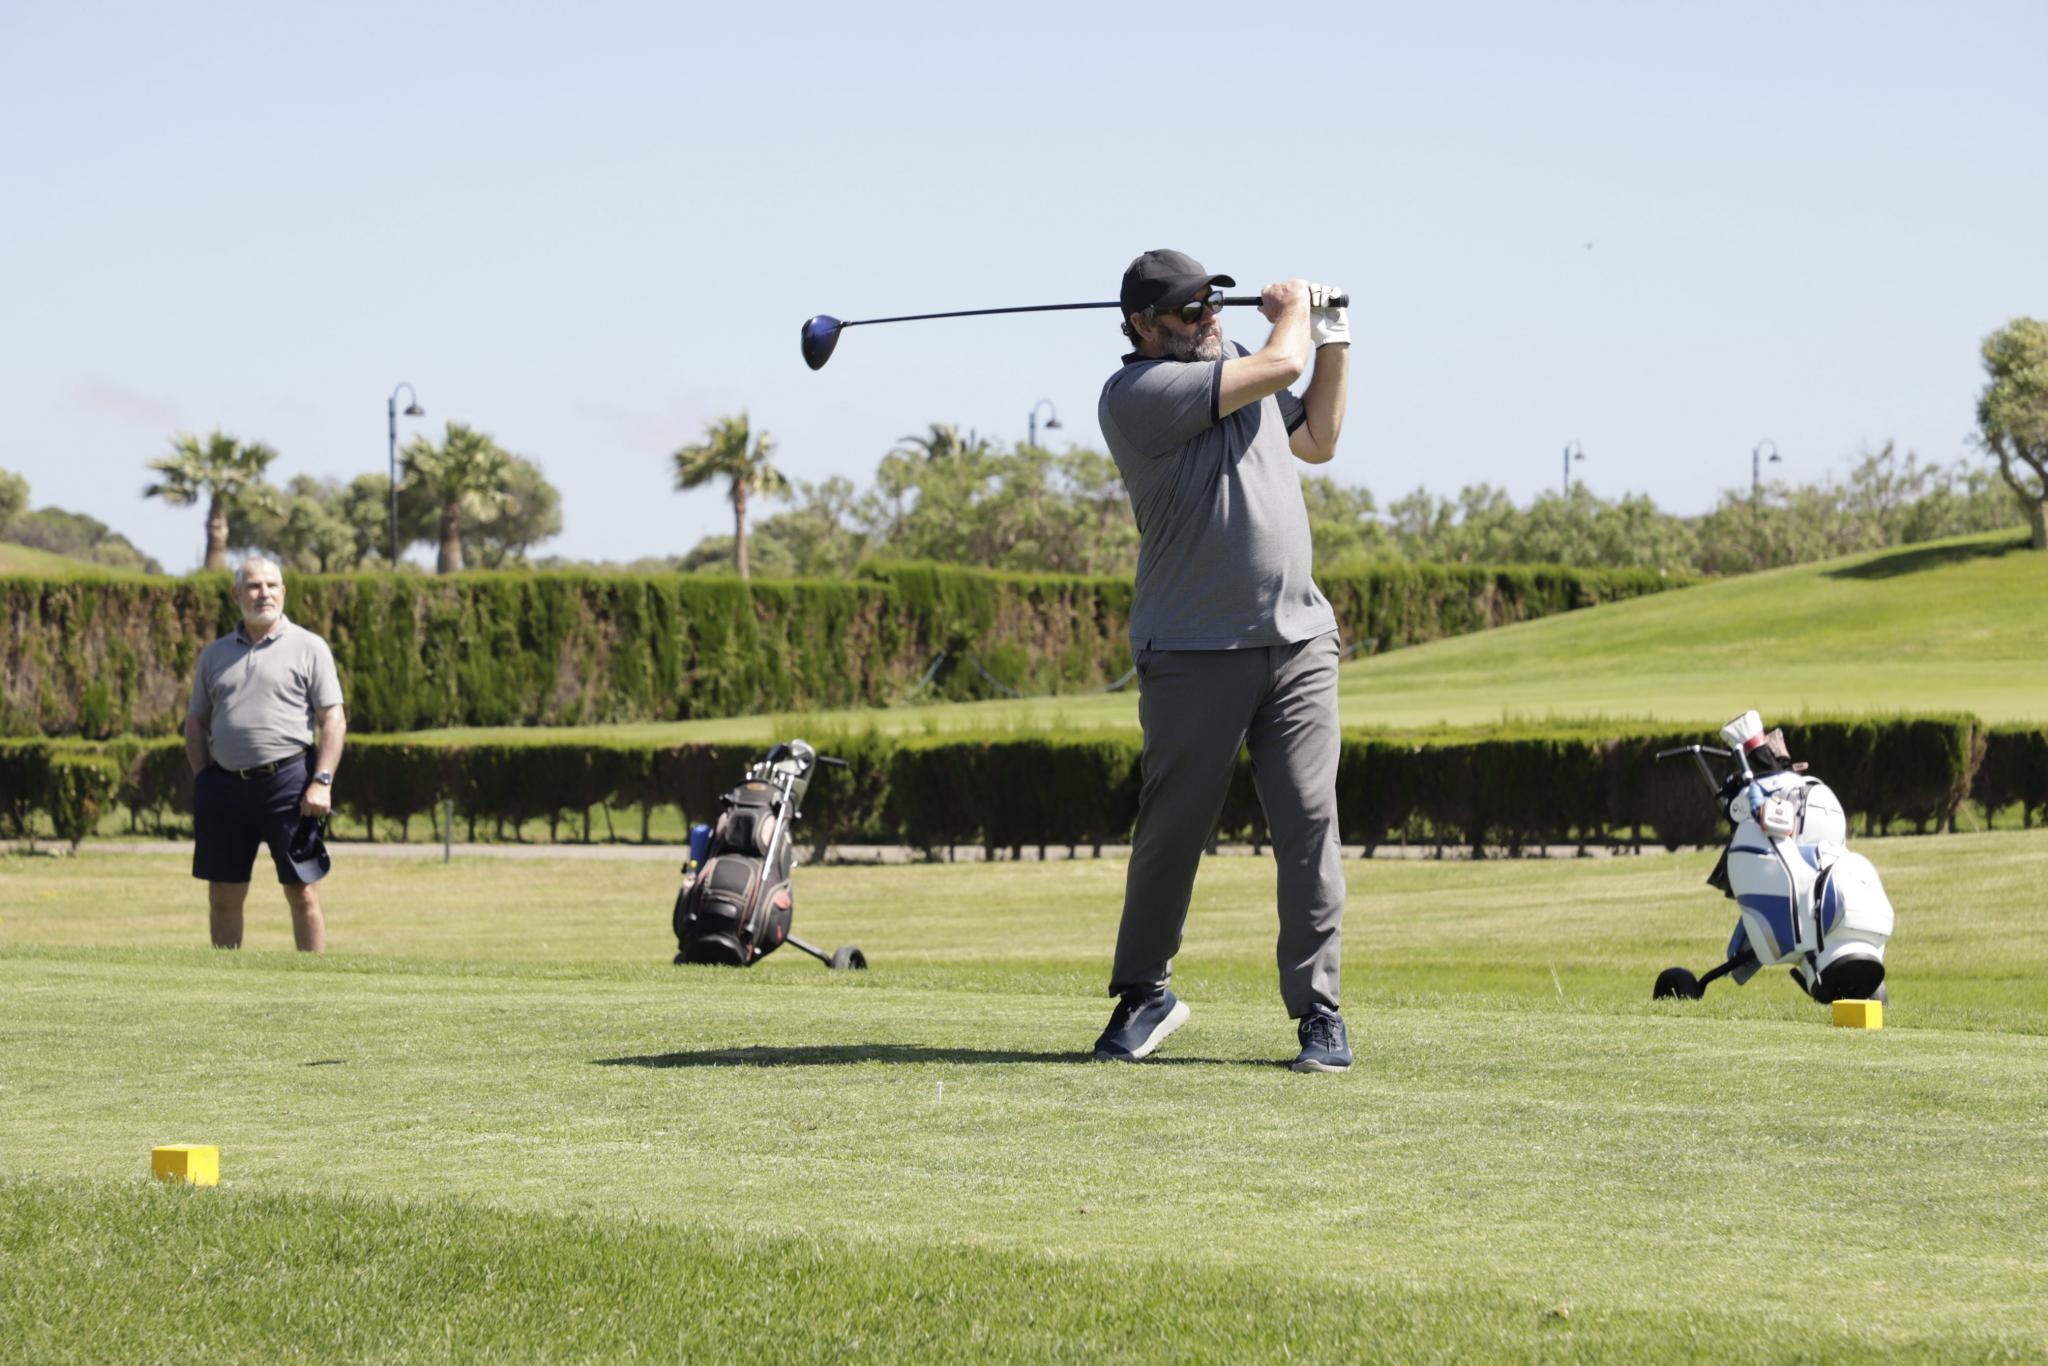 palma golf maioris fase 1 foto morey